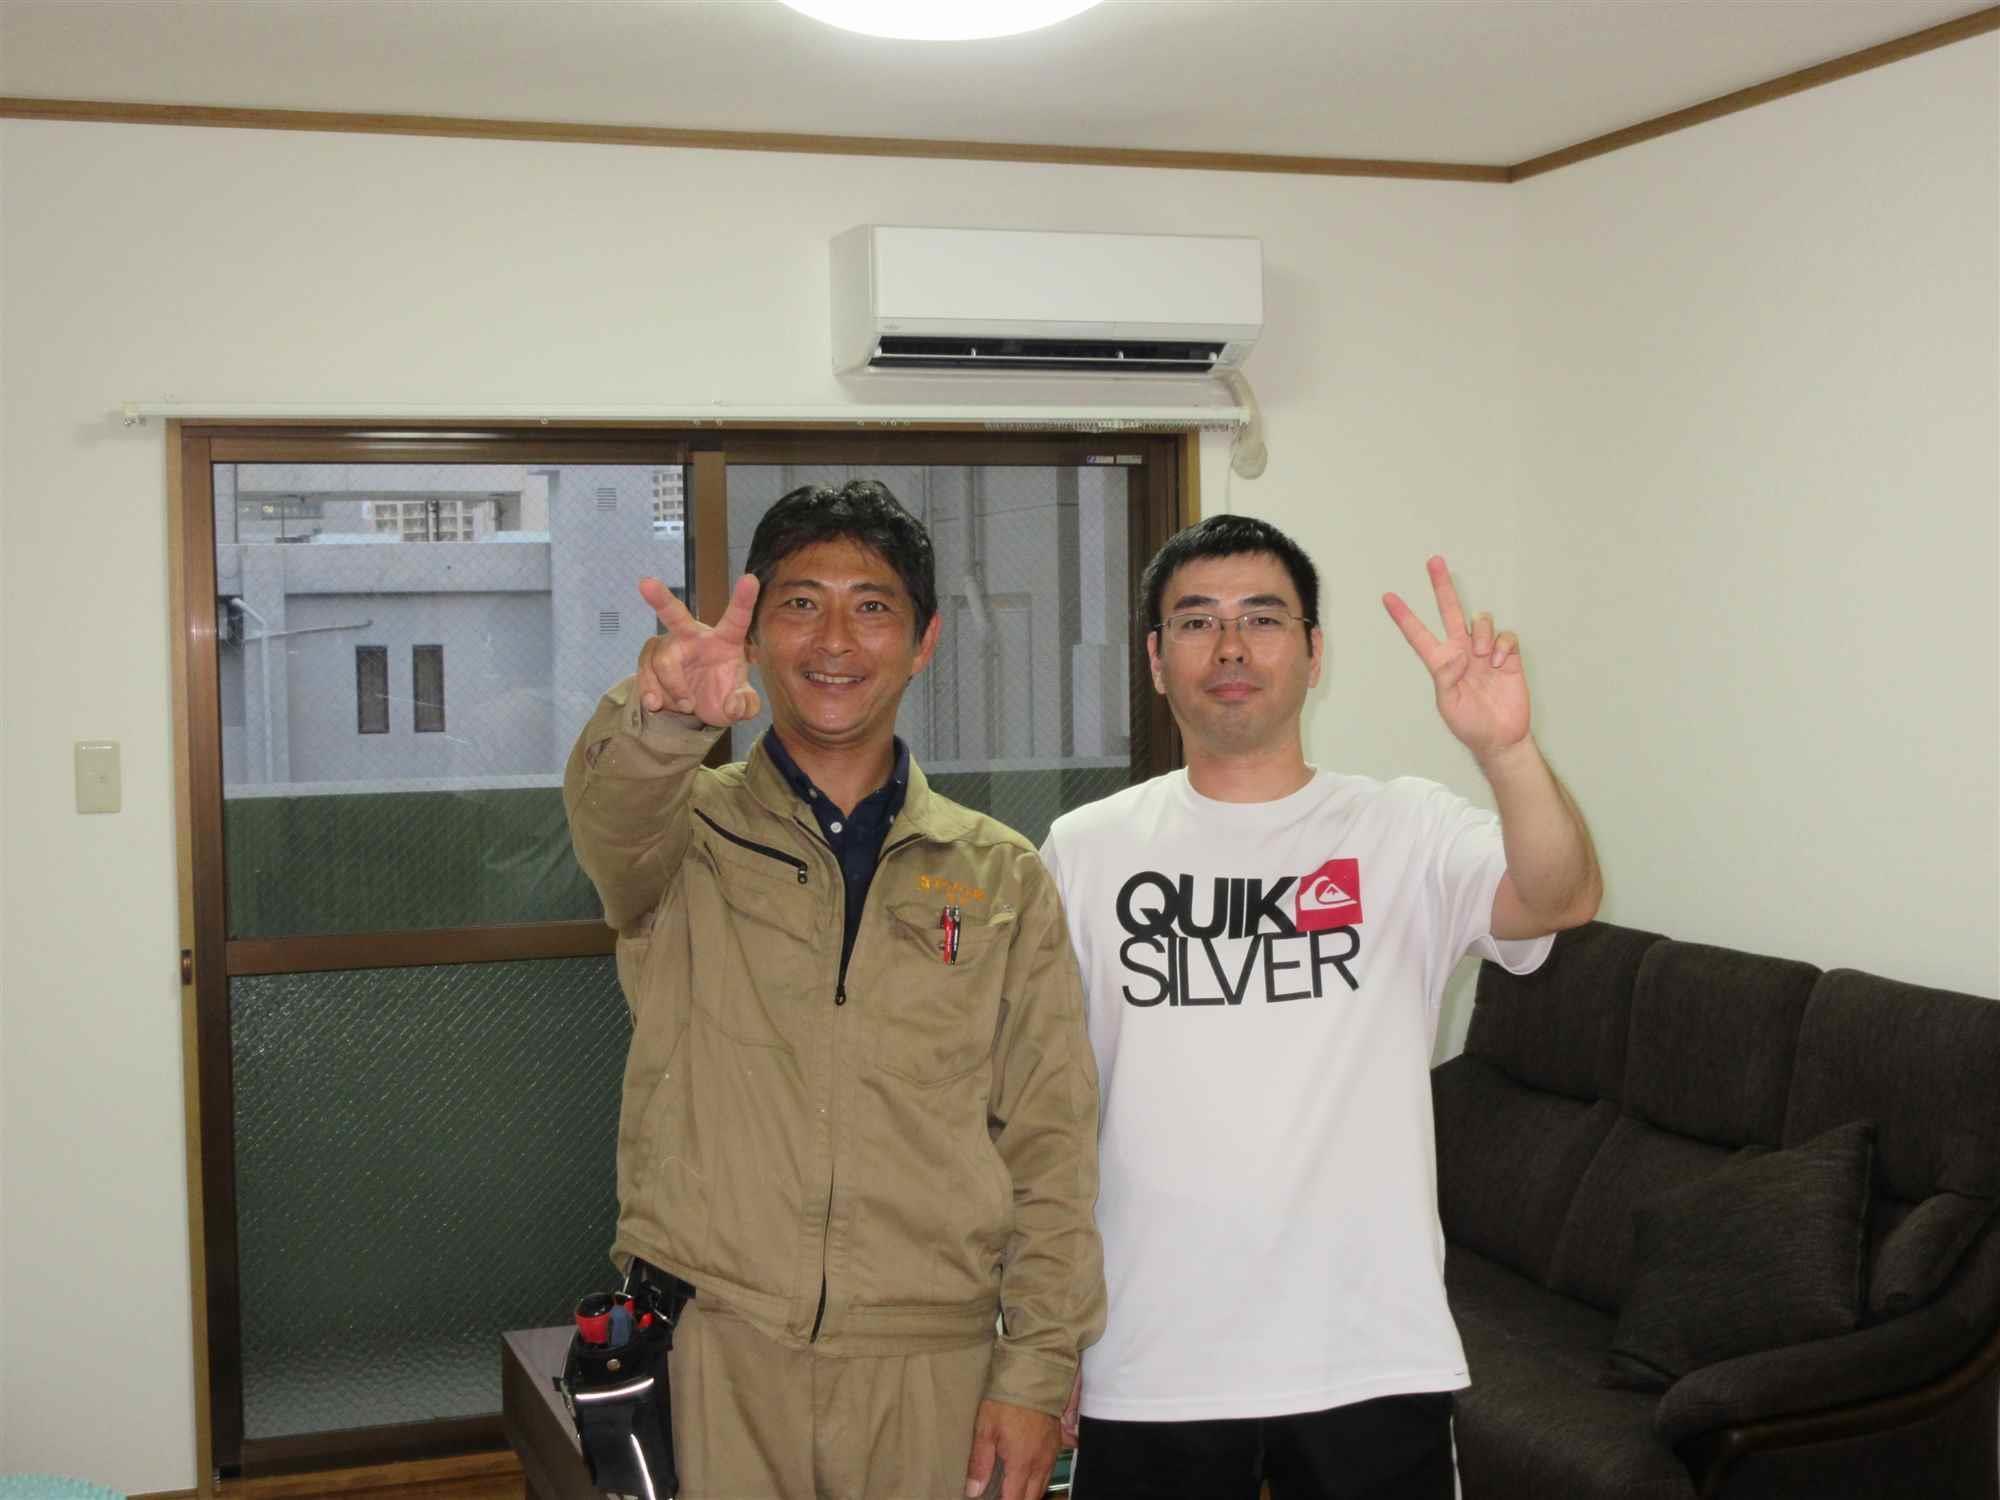 沖縄・那覇のリフォーム 実際のお客様の写真:大変満足しています。